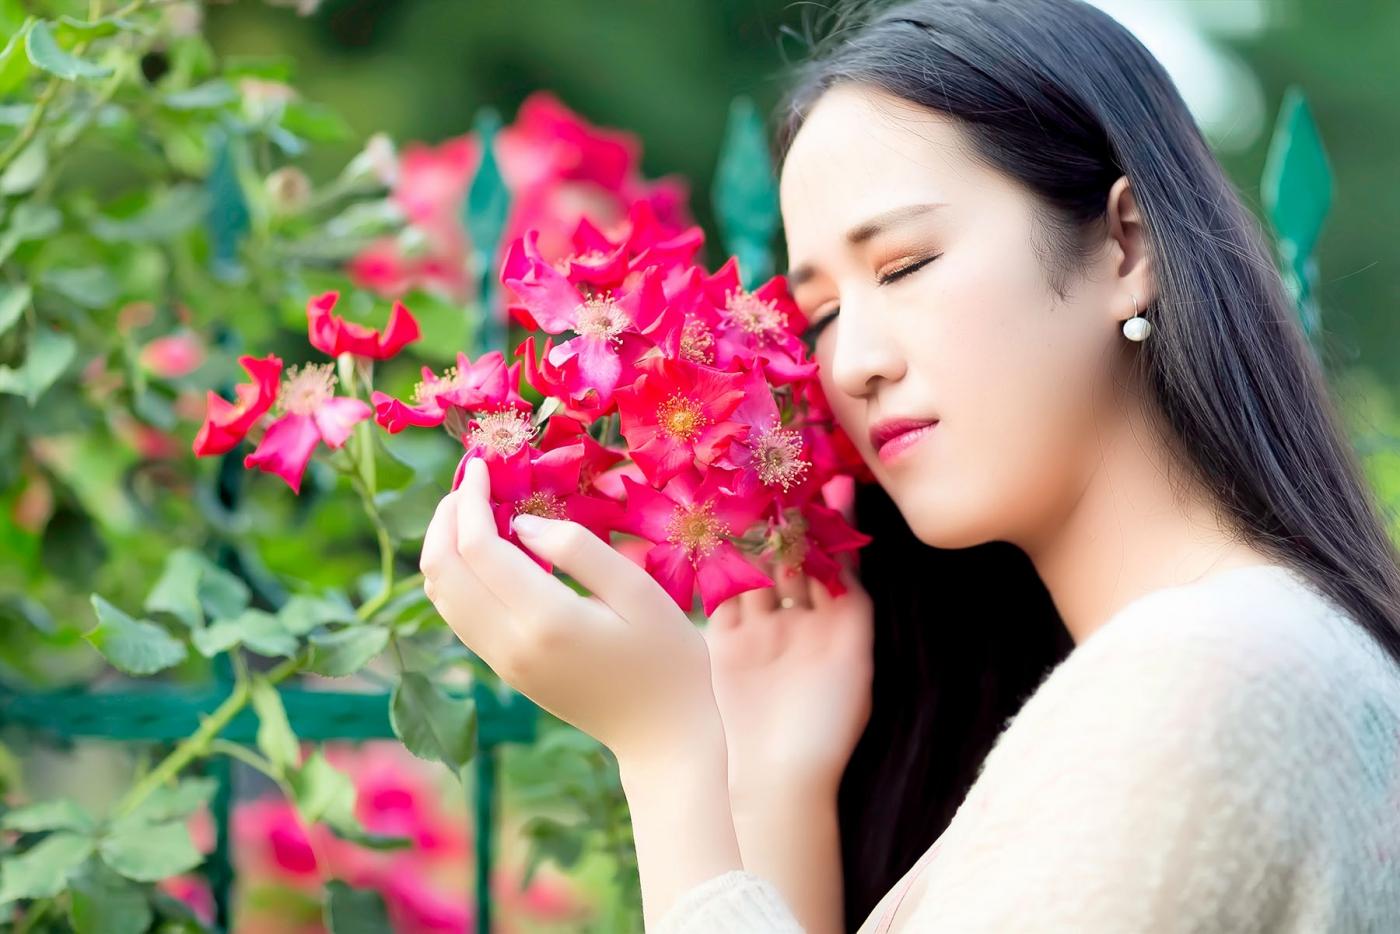 蔷薇·阳光·女孩 去见你想见的人吧_图1-13